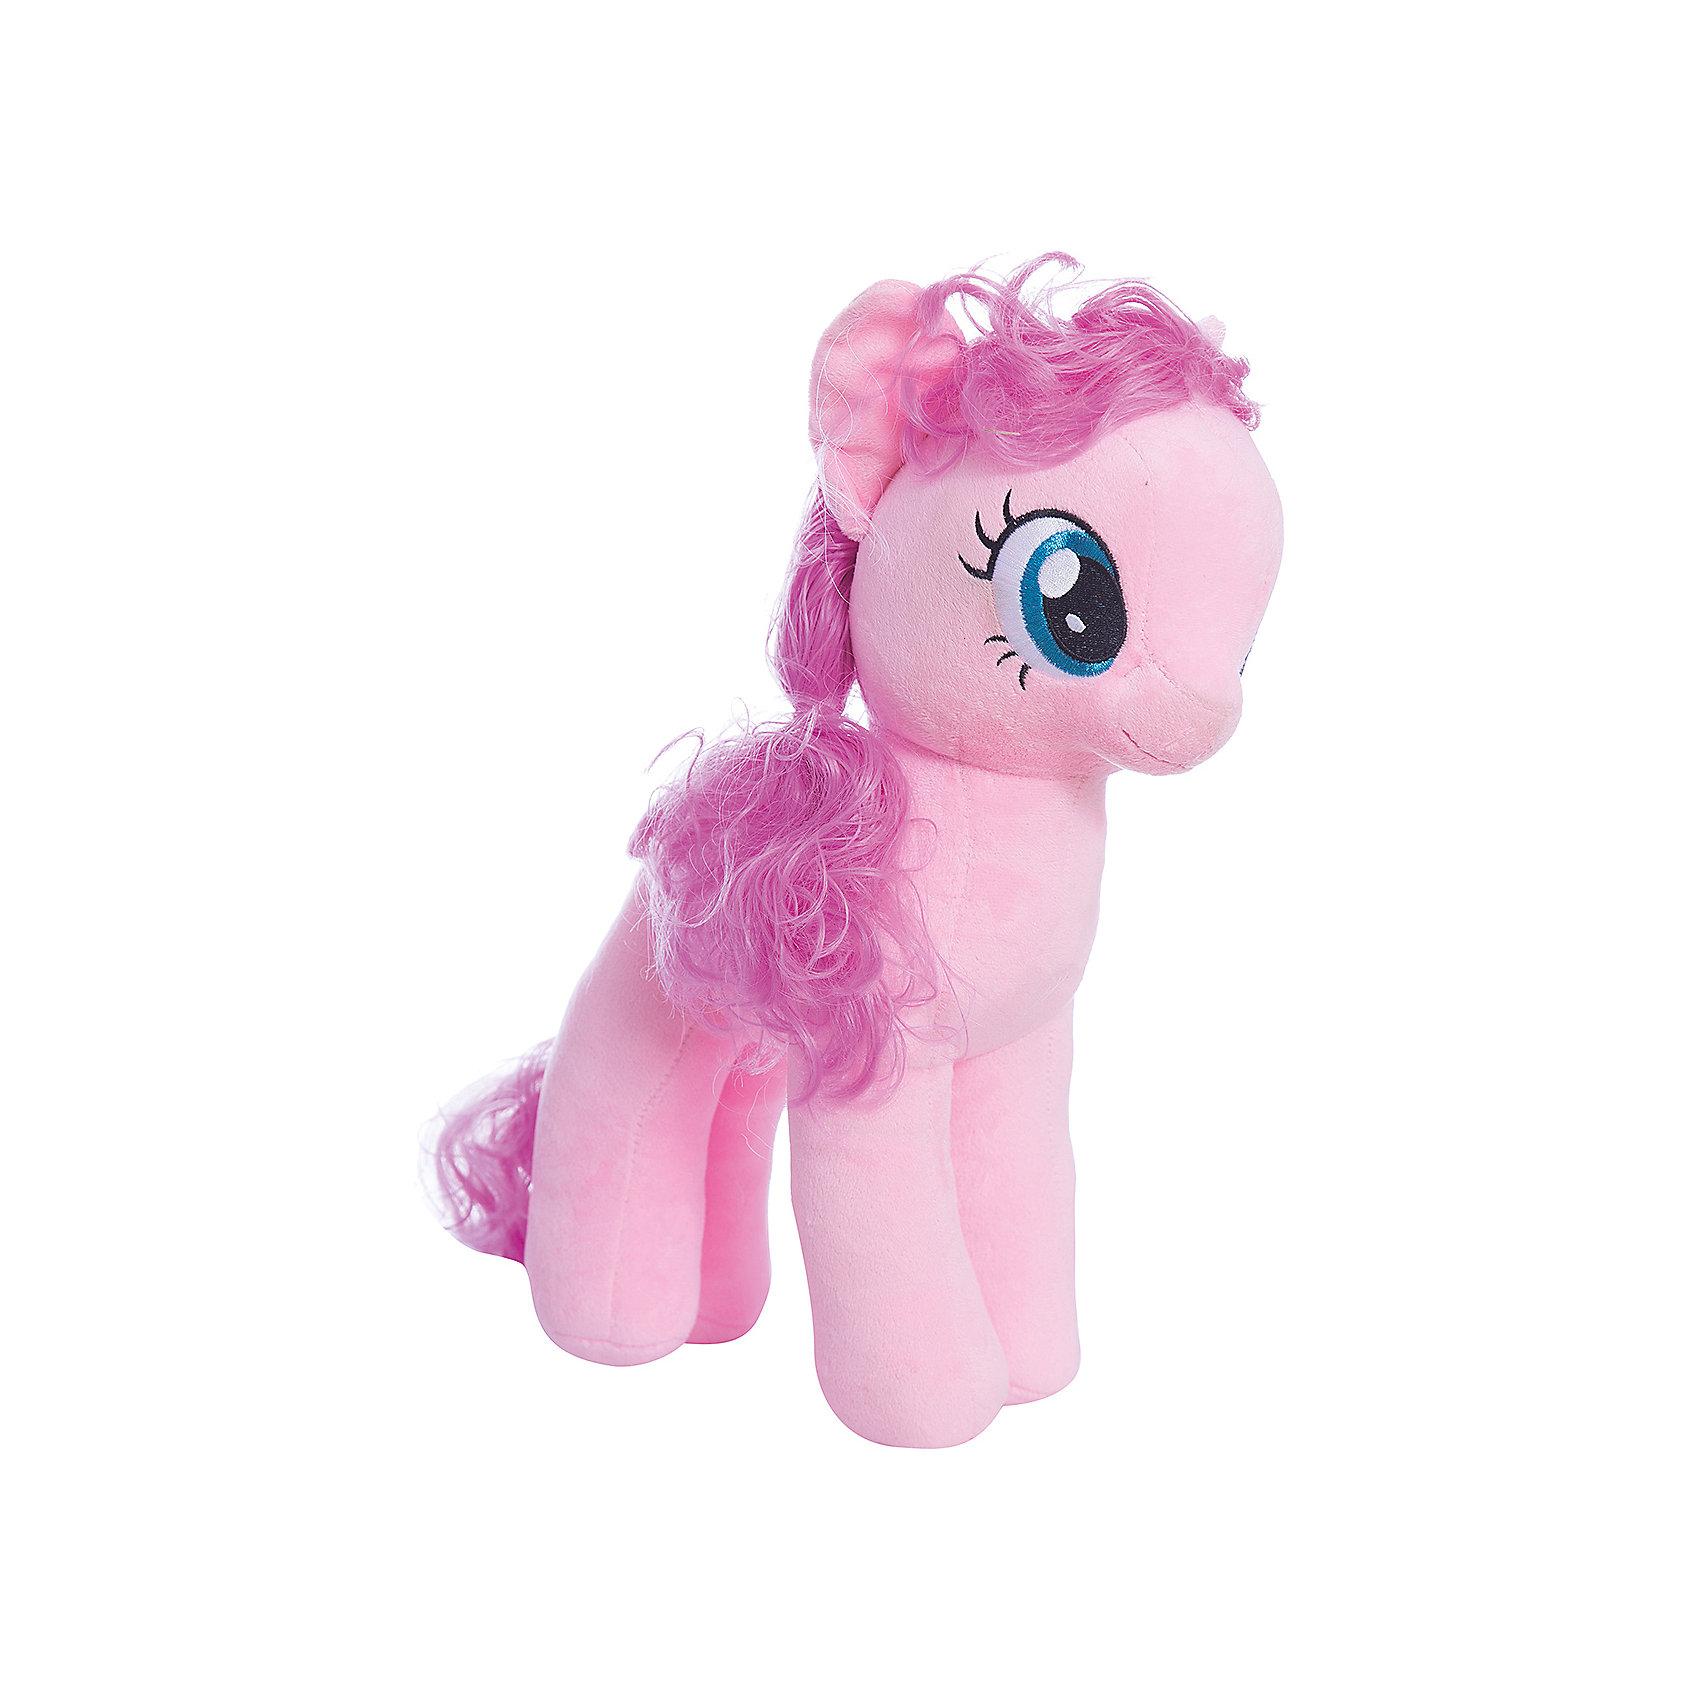 Пони Пинки Пай, 51 см,  My little PonyИгрушки<br>Мягкая игрушка Пони Пинки Пай, My little Pony порадует всех юных поклонниц волшебных лошадок из популярного мультсериала Моя маленькая Пони: Дружба -это чудо ( My Little Pony: Friendship IsMagic). Пони Пинки Пай (Pinkie Pie) - самая веселая и озорная во всем Понивилле, она живет и работает в кондитерской «Сахарный дворец» и устраивает лучшие в городке вечеринки. <br><br>Внешний вид игрушки полностью соответствует своей героине из мультфильма. У лошадки мягкая, приятная на ощупь светло-розовая шерстка, розовые грива и хвост. Глазки и знак отличия - воздушные шарики искусно вышиты. Игрушка выполнена из качественных, безопасных для детей материалов.<br><br>Дополнительная информация:<br><br>- Материал: искусственный мех, синтепон.<br>- Размер игрушки: 51 см.<br>- Размер упаковки: 40 x 25 x 51 см.<br>- Вес: 0,3 кг.<br><br>Мягкую игрушку Пони Пинки Пай, My little Pony (Май литл Пони) можно купить в нашем интернет-магазине.<br><br>Ширина мм: 400<br>Глубина мм: 250<br>Высота мм: 510<br>Вес г: 300<br>Возраст от месяцев: 24<br>Возраст до месяцев: 120<br>Пол: Женский<br>Возраст: Детский<br>SKU: 3833924